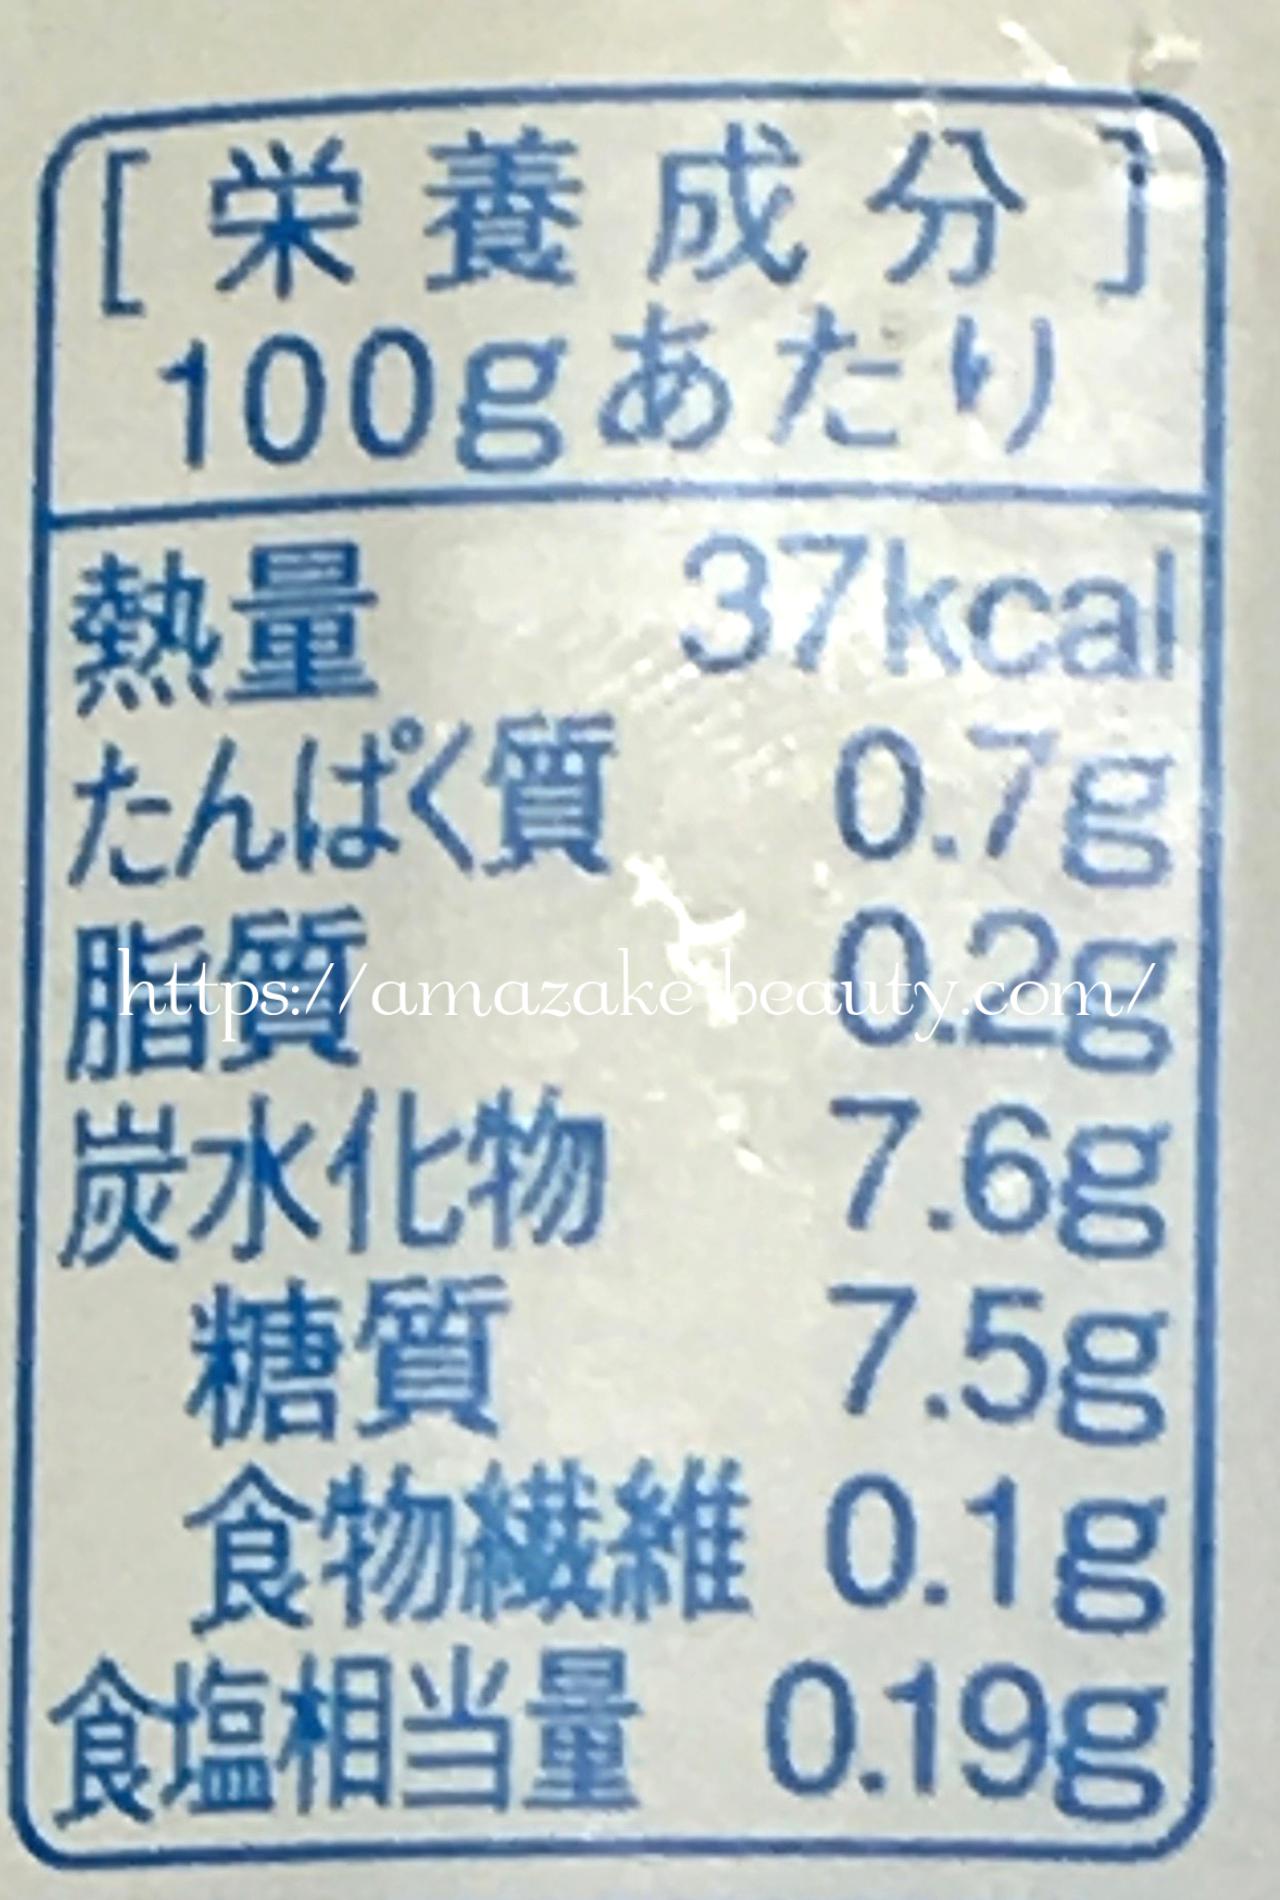 [amazake]ozeki[reiryo amazake](nutrition information)